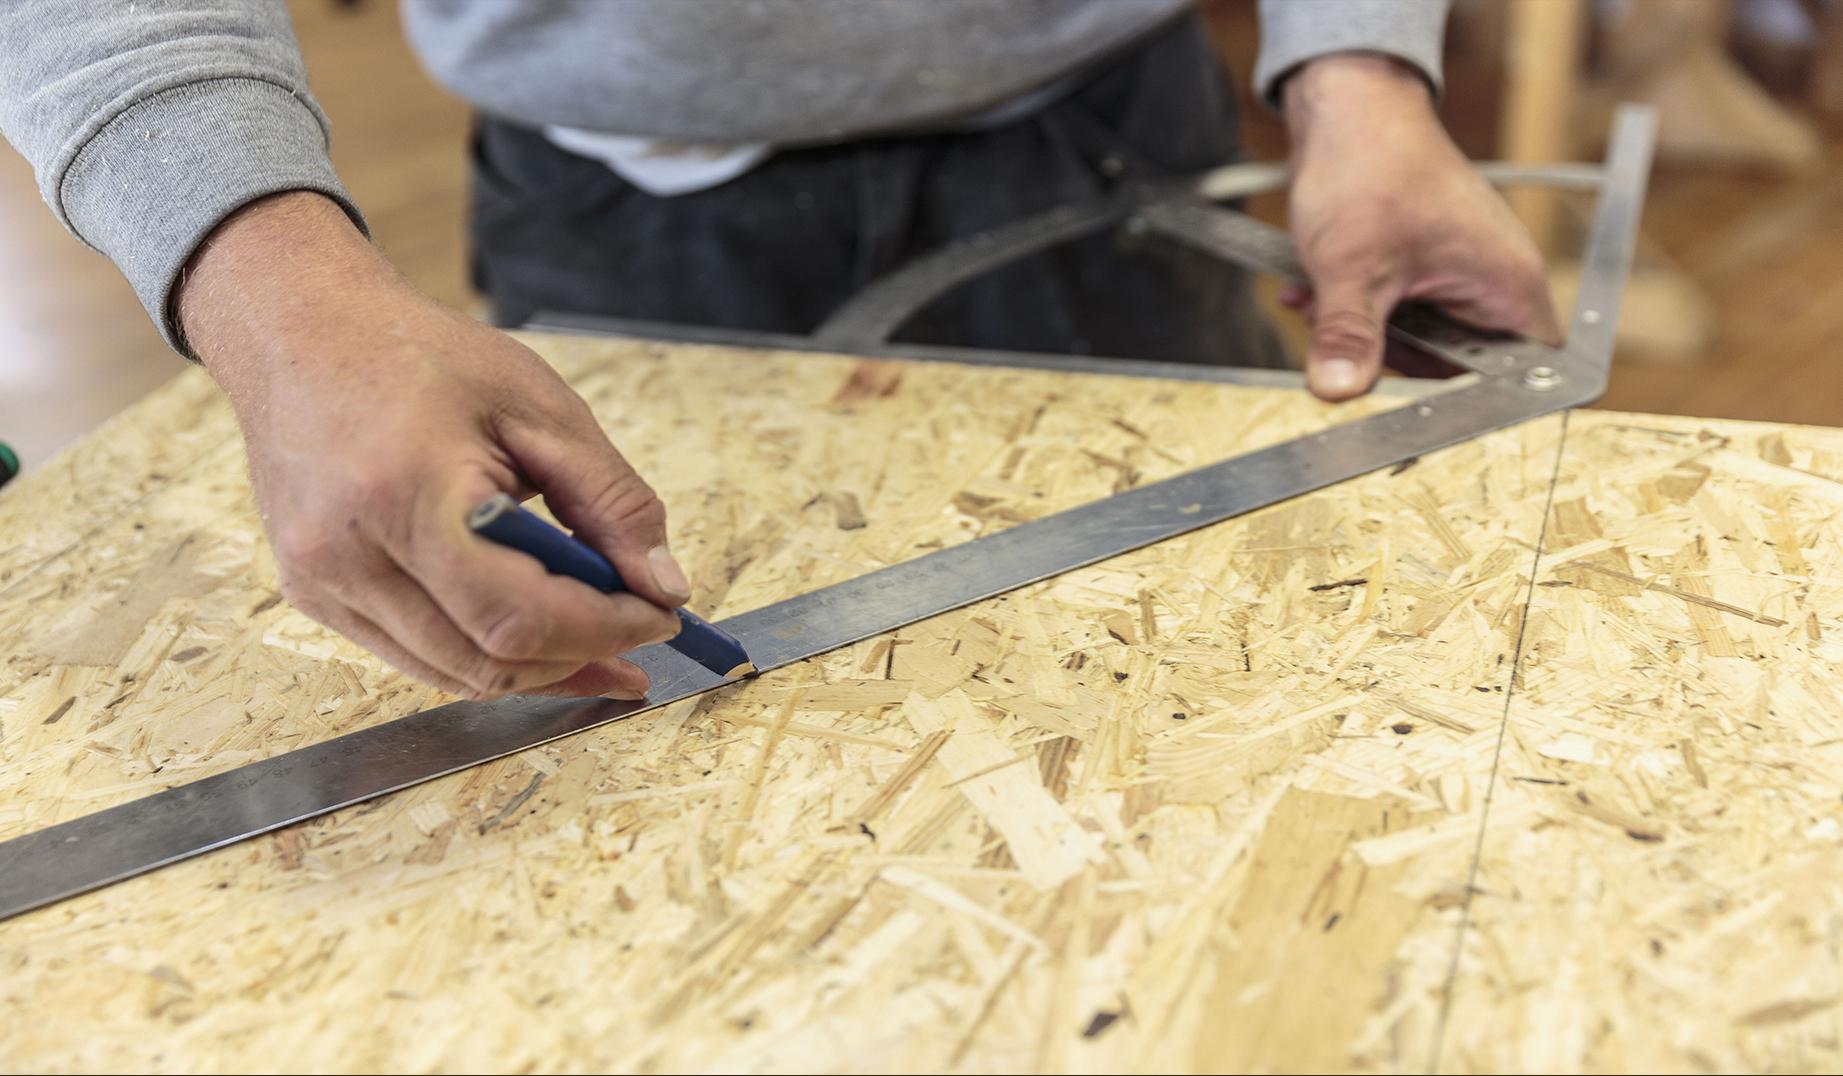 Mann zeichnet Markierungen auf eine Holzplatte